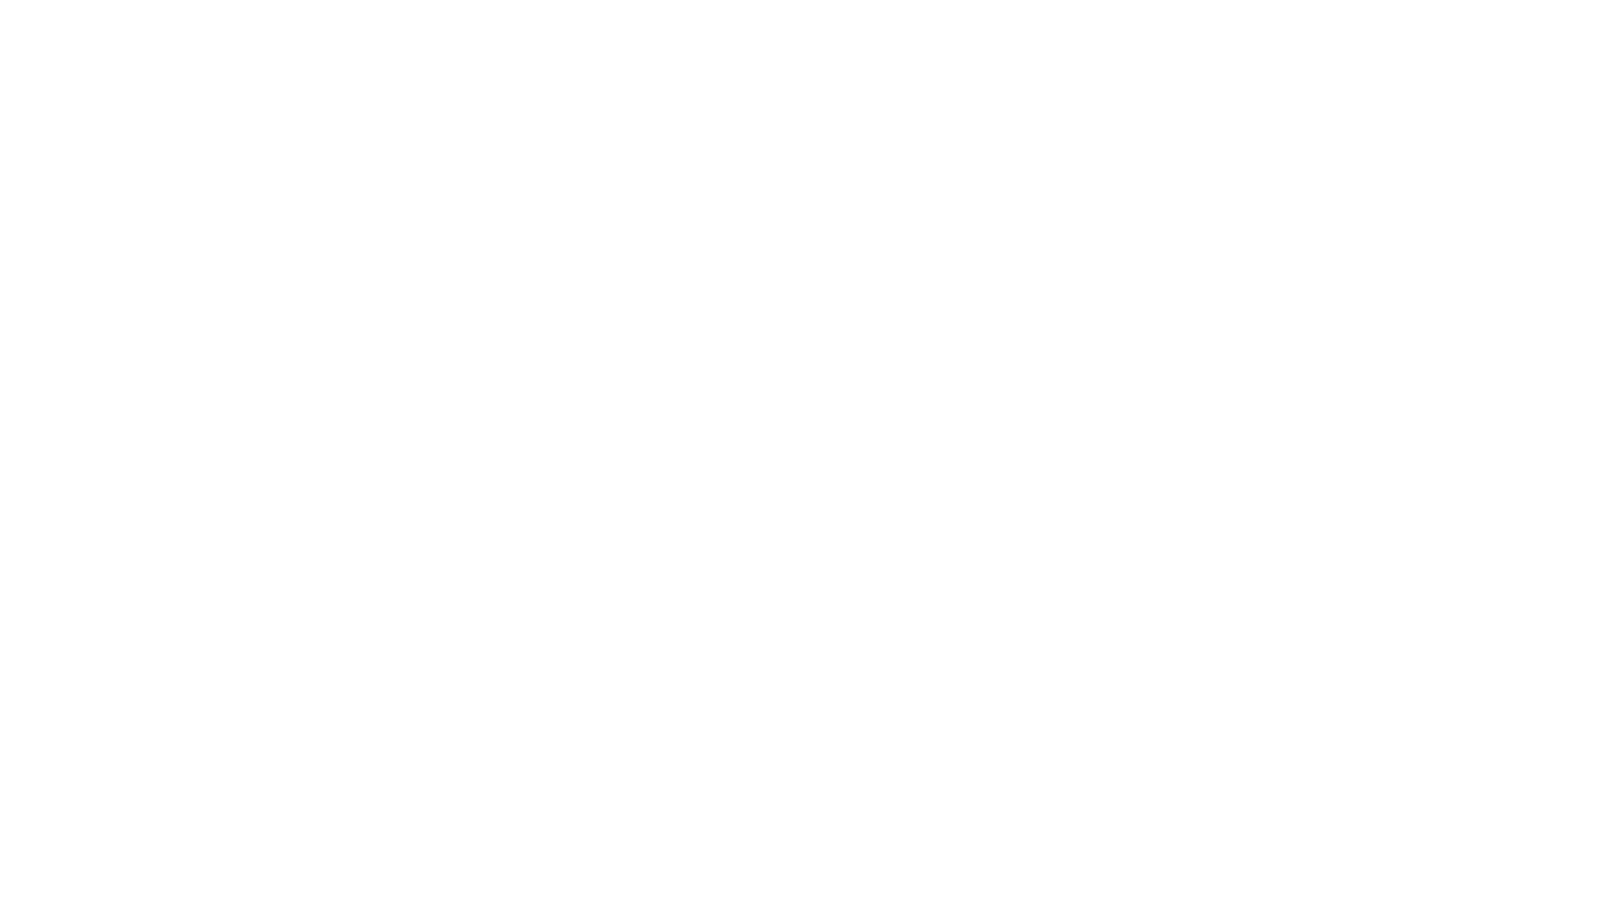 С 22 по 26 мая там проходит фестиваль парусного спорта среди людей с ограниченными возможностями. Впервые Всероссийское общество инвалидов проводит его в Тюмени.  Статья на сайте http://sport-portal72.ru/podnyat-parusa/ Фотоотчет на сайте http://sport-portal72.ru/fotootchyot-festival-parusnogo-sporta-dlya-lyudej-s-ogranichennymi-vozmozhnostyami-na-ozere-andreevskoe/